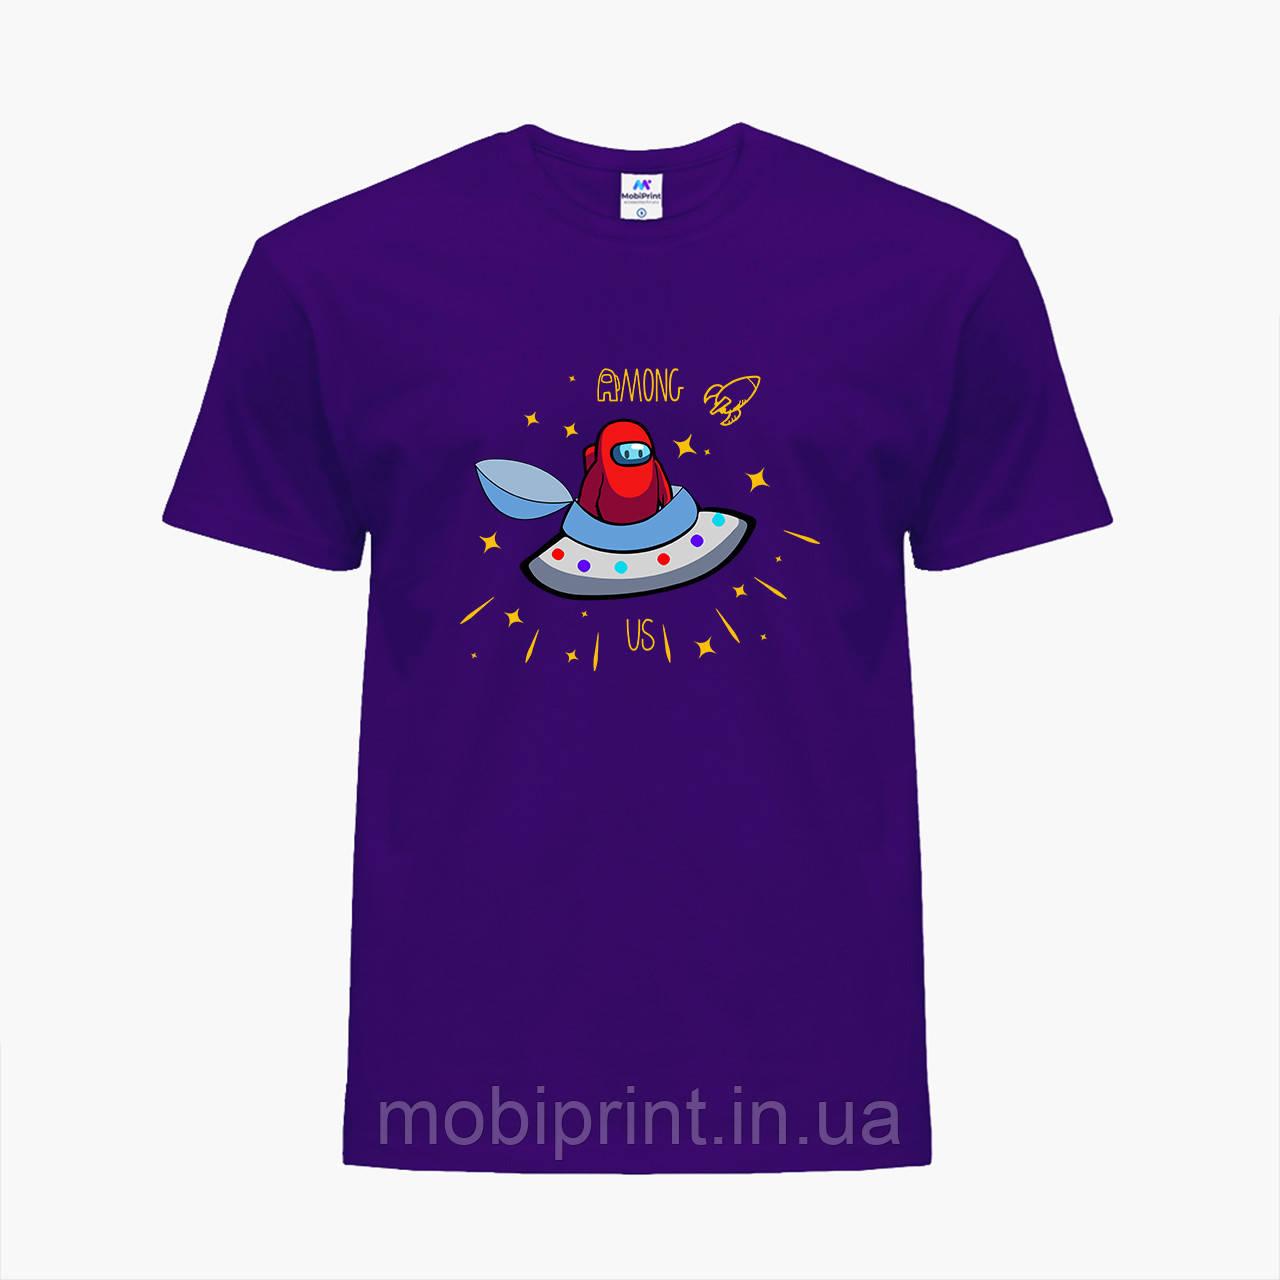 Детская футболка для мальчиков Амонг Ас Красный (Among Us Red) (25186-2583) Фиолетовый